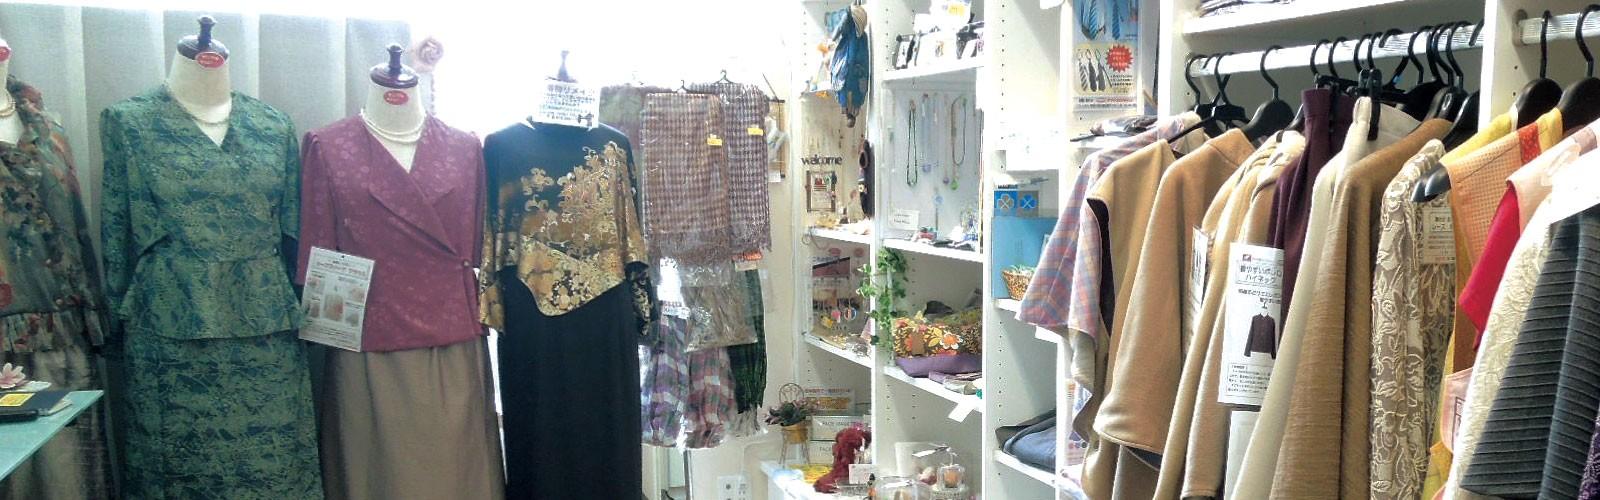 店内では、ユニバーサルファッションを好評発売中!! 手作り服・商品サンプルなどをご自由にご覧いただけます